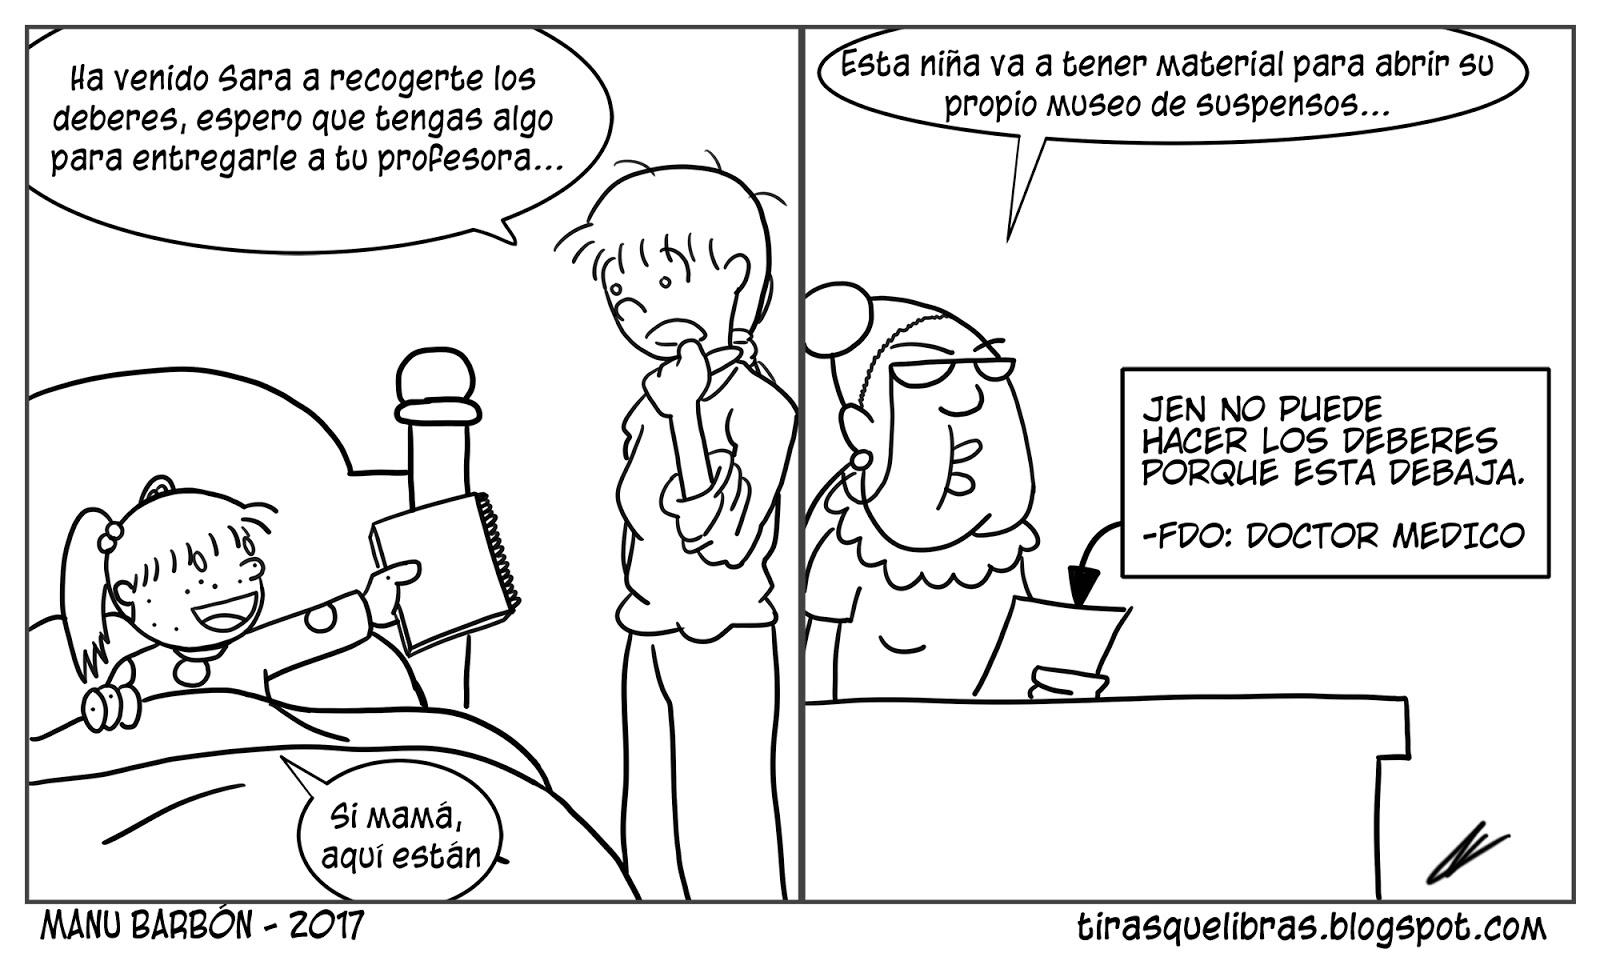 webcomic jen enferma entrega los deberes